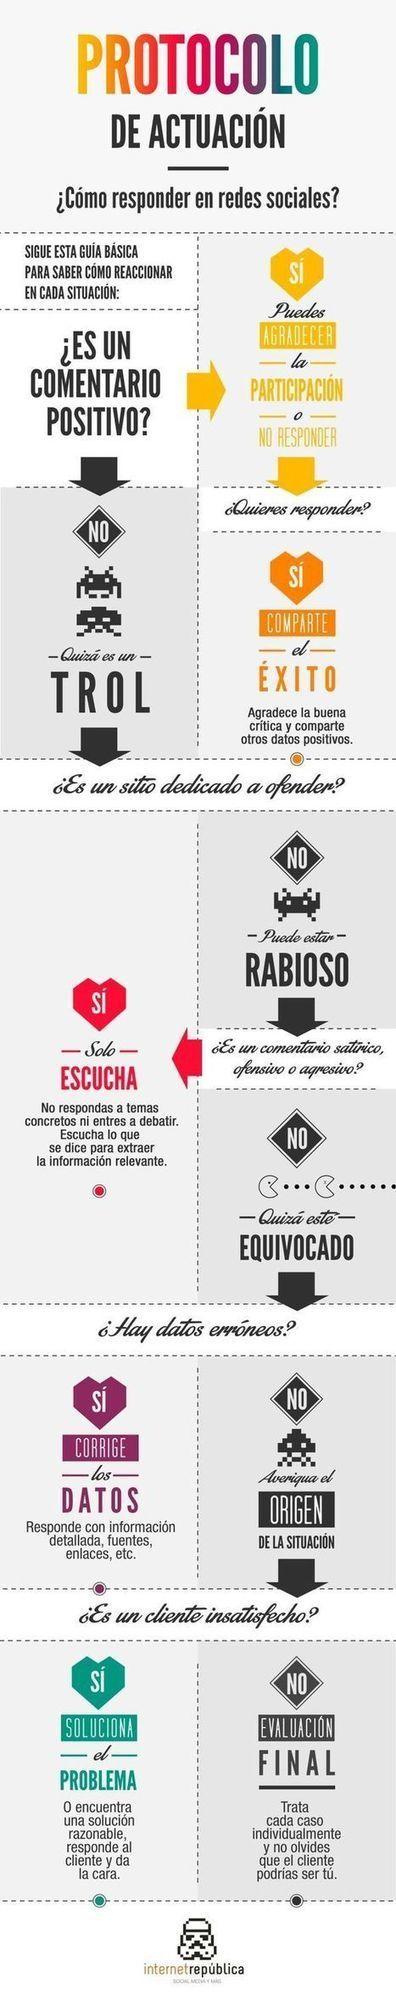 Protocolo de actuación para responder en redes sociales   MediosSociales   Scoop.it